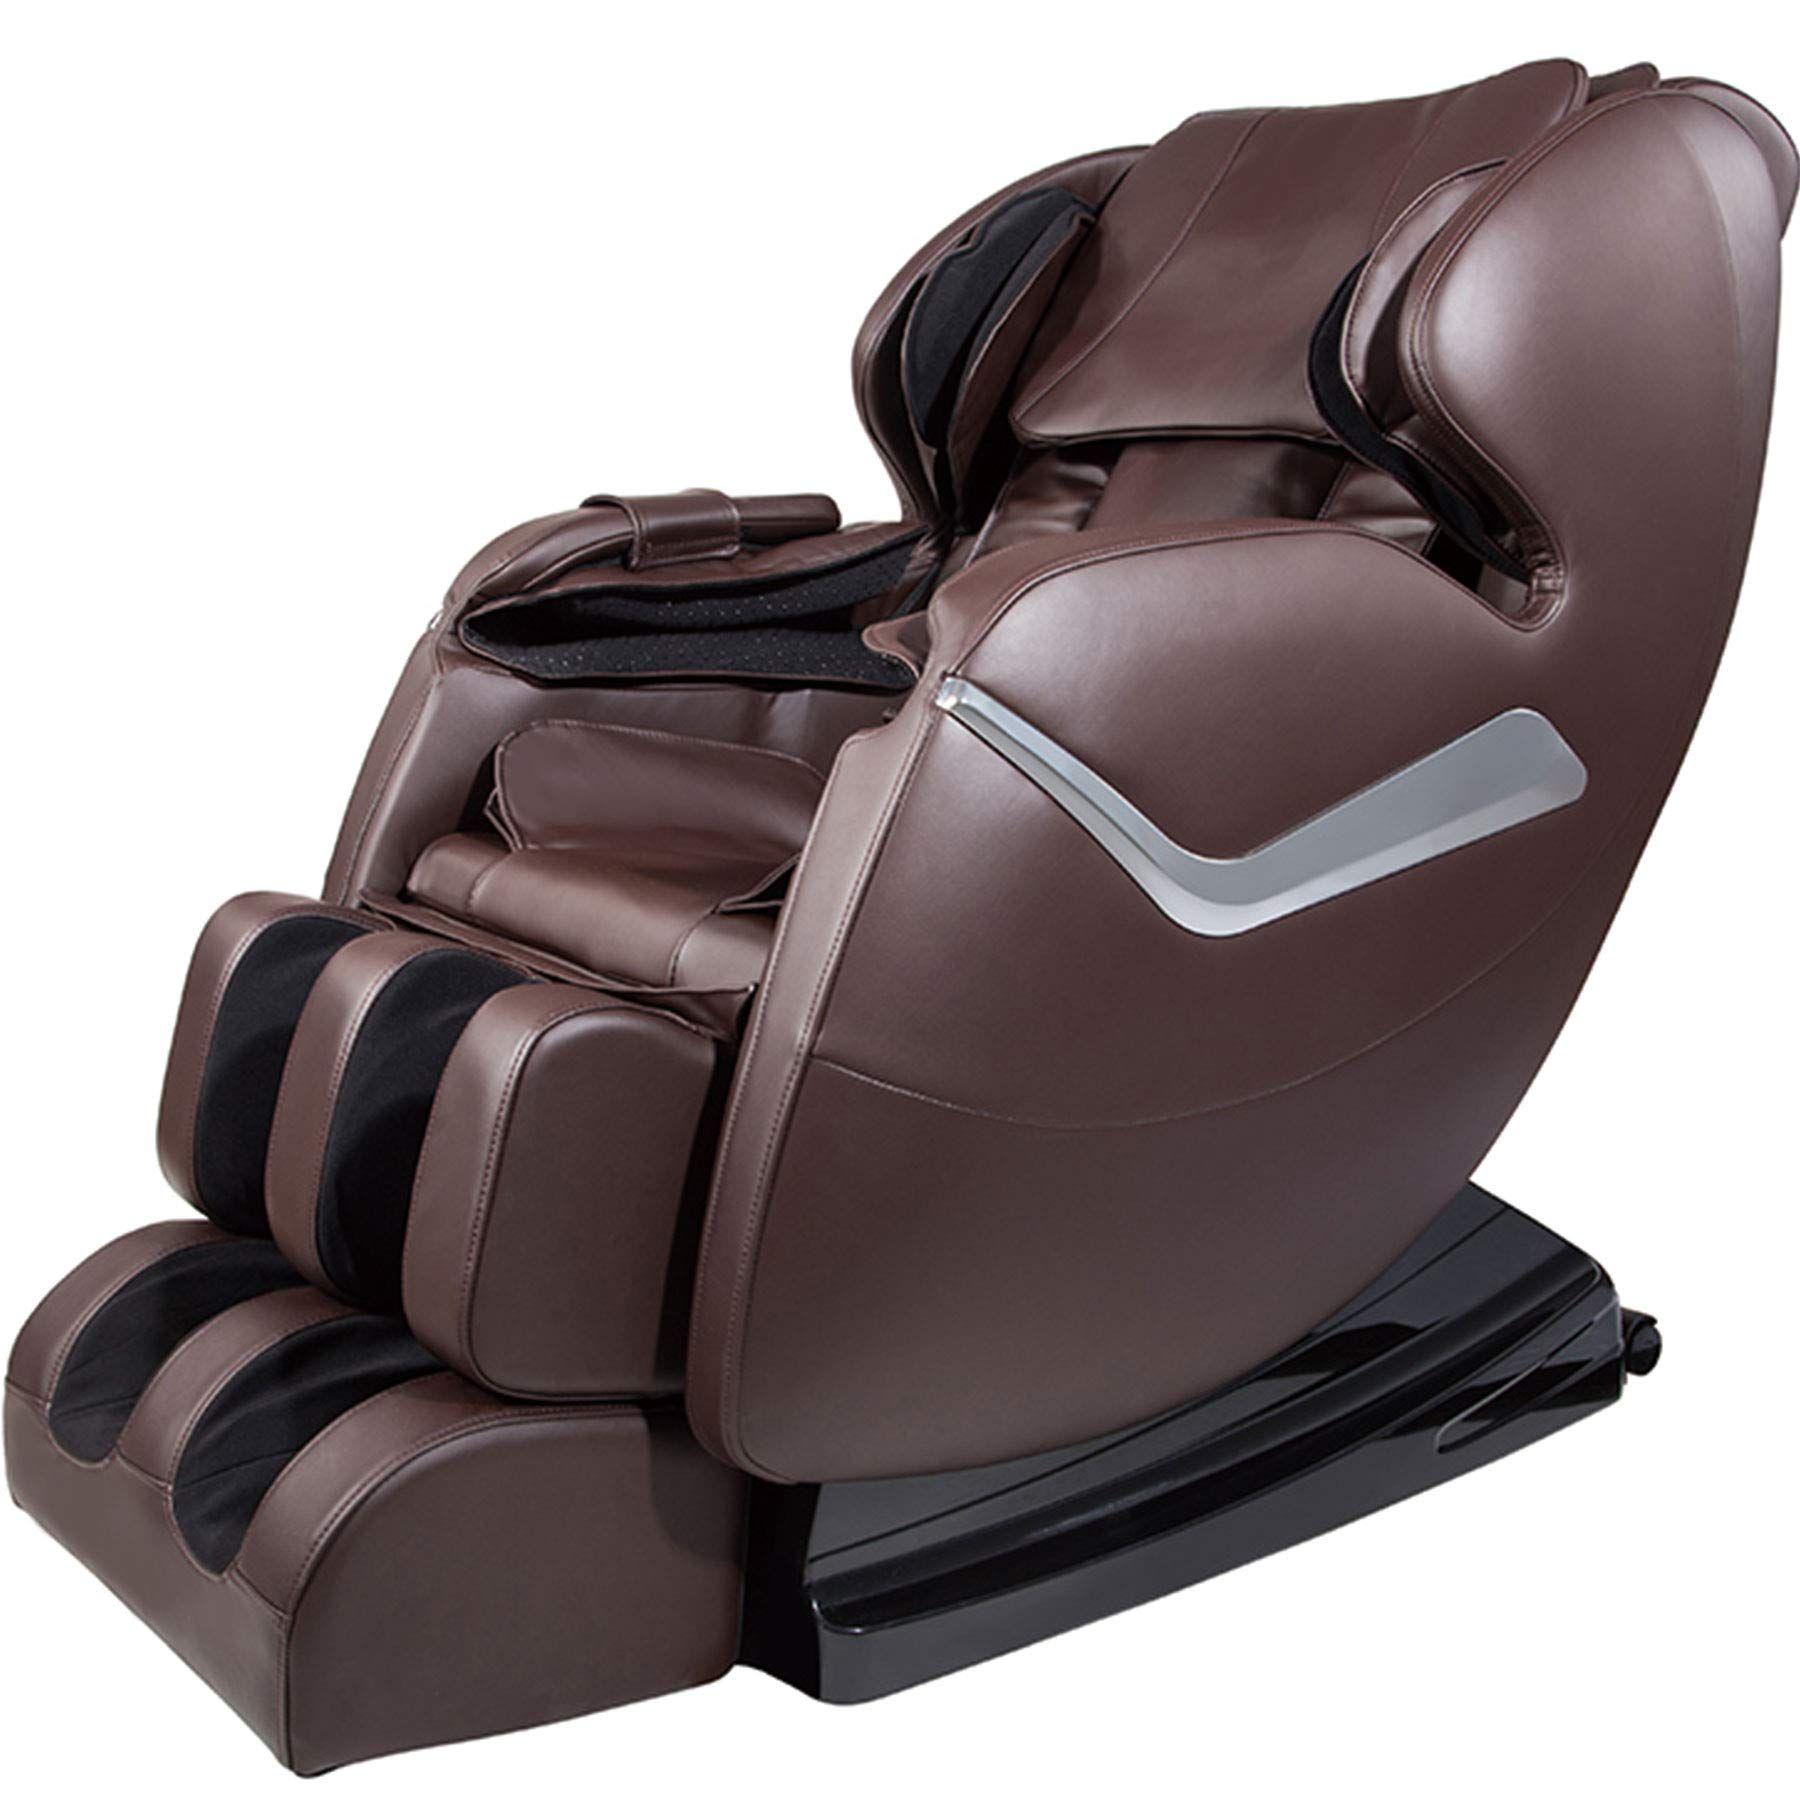 Pin on Massage Chairs